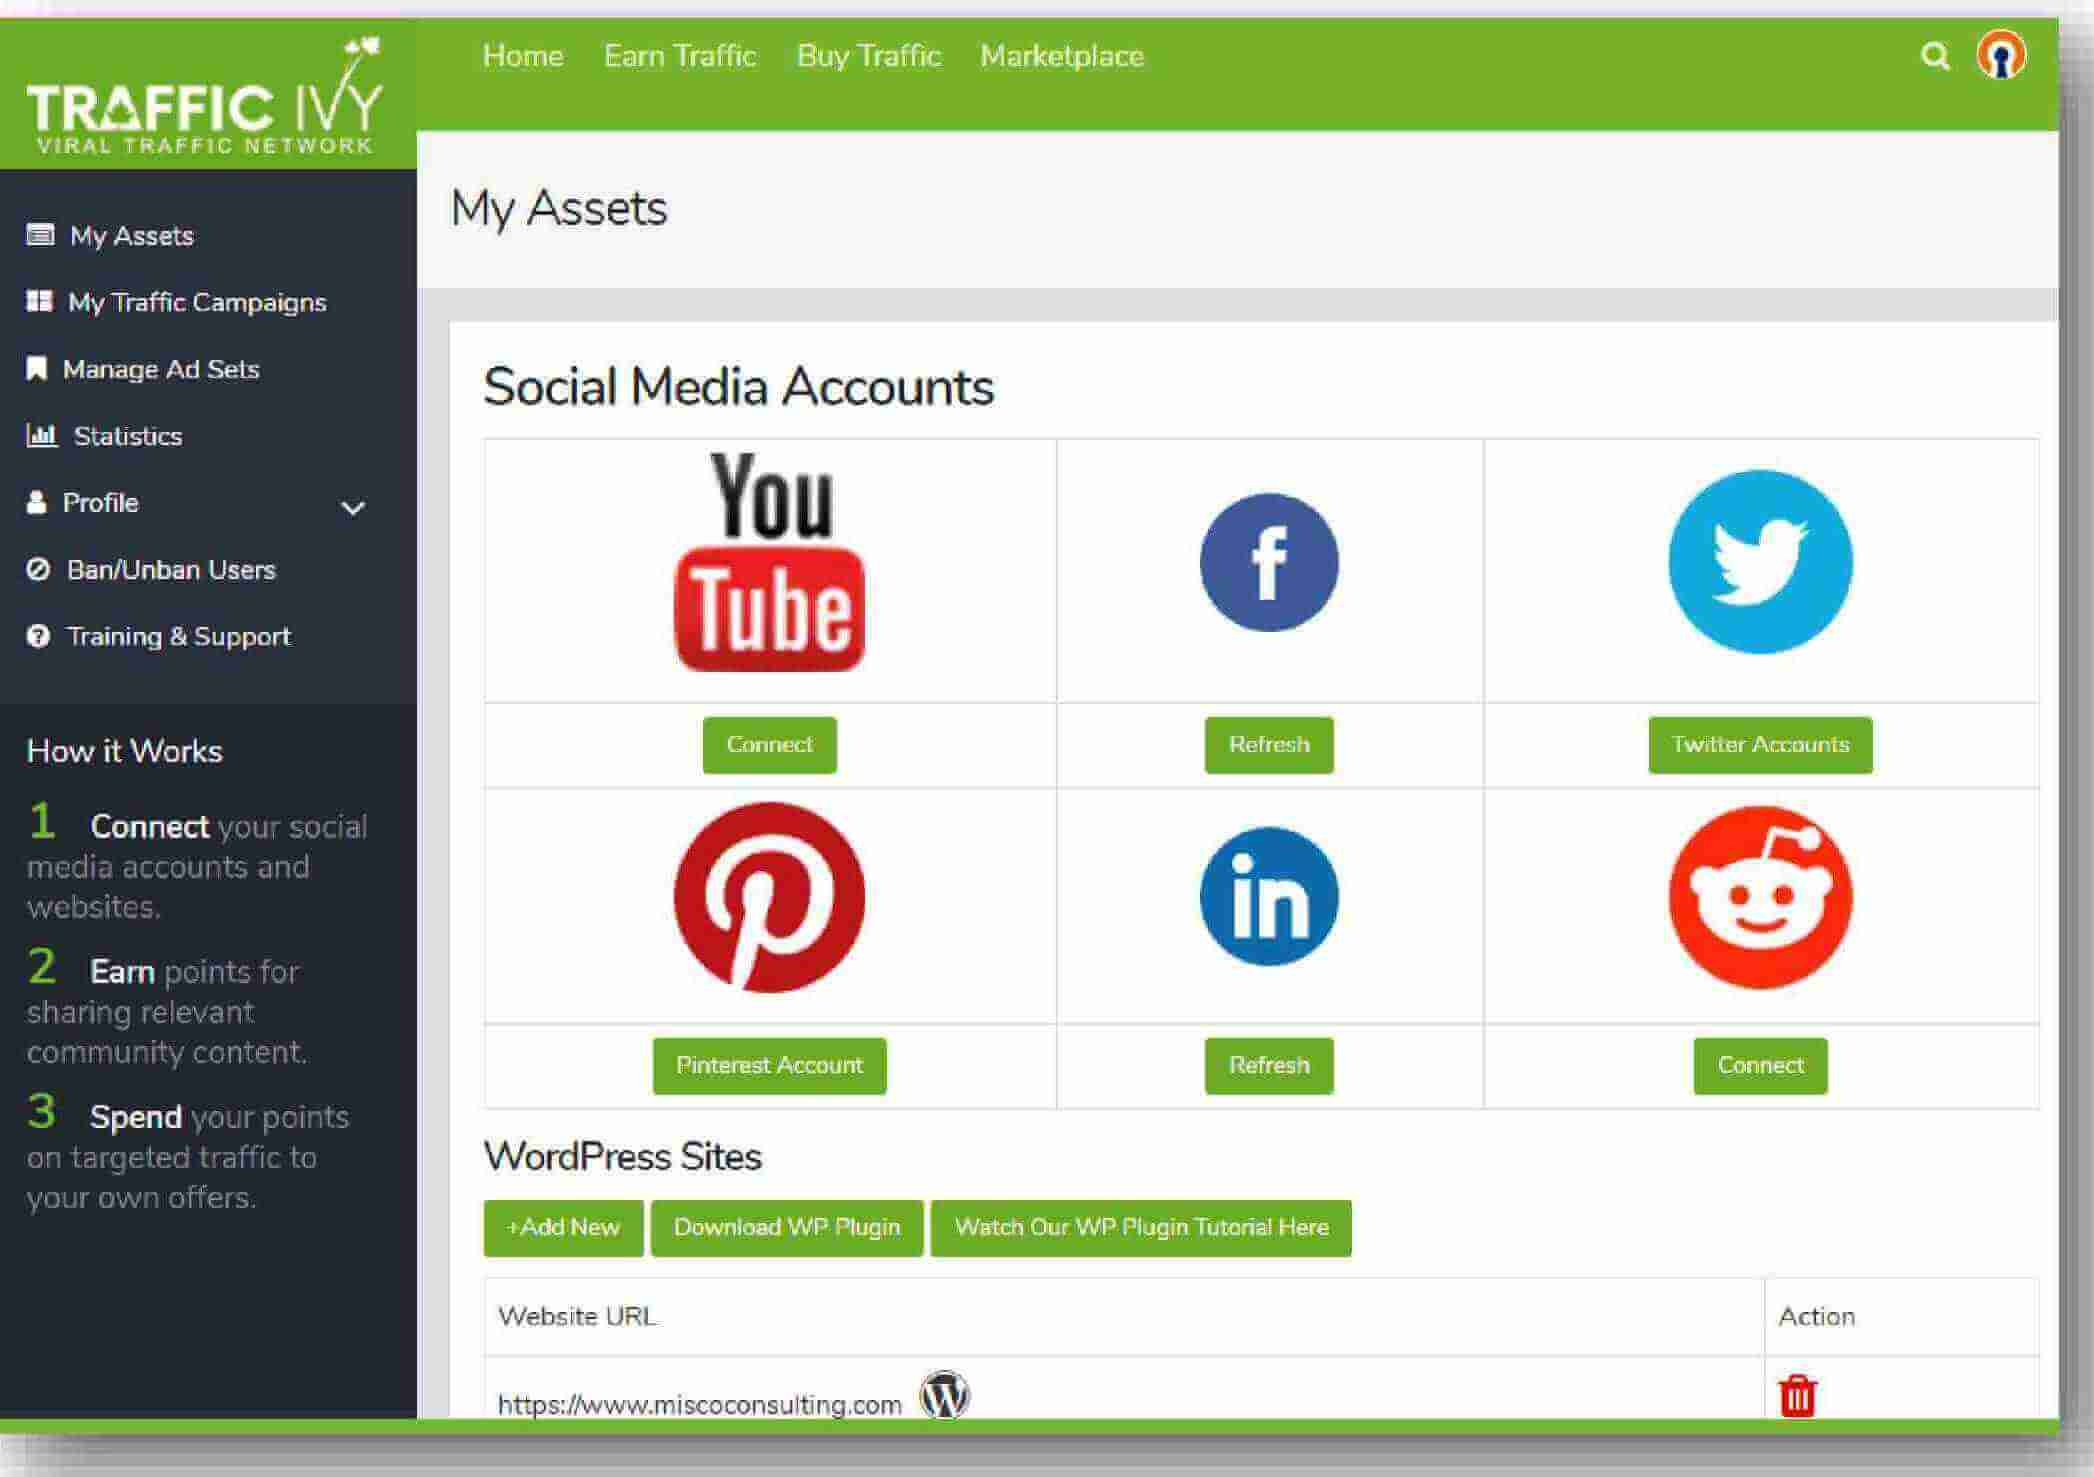 traffic_ivy_dashboard_social